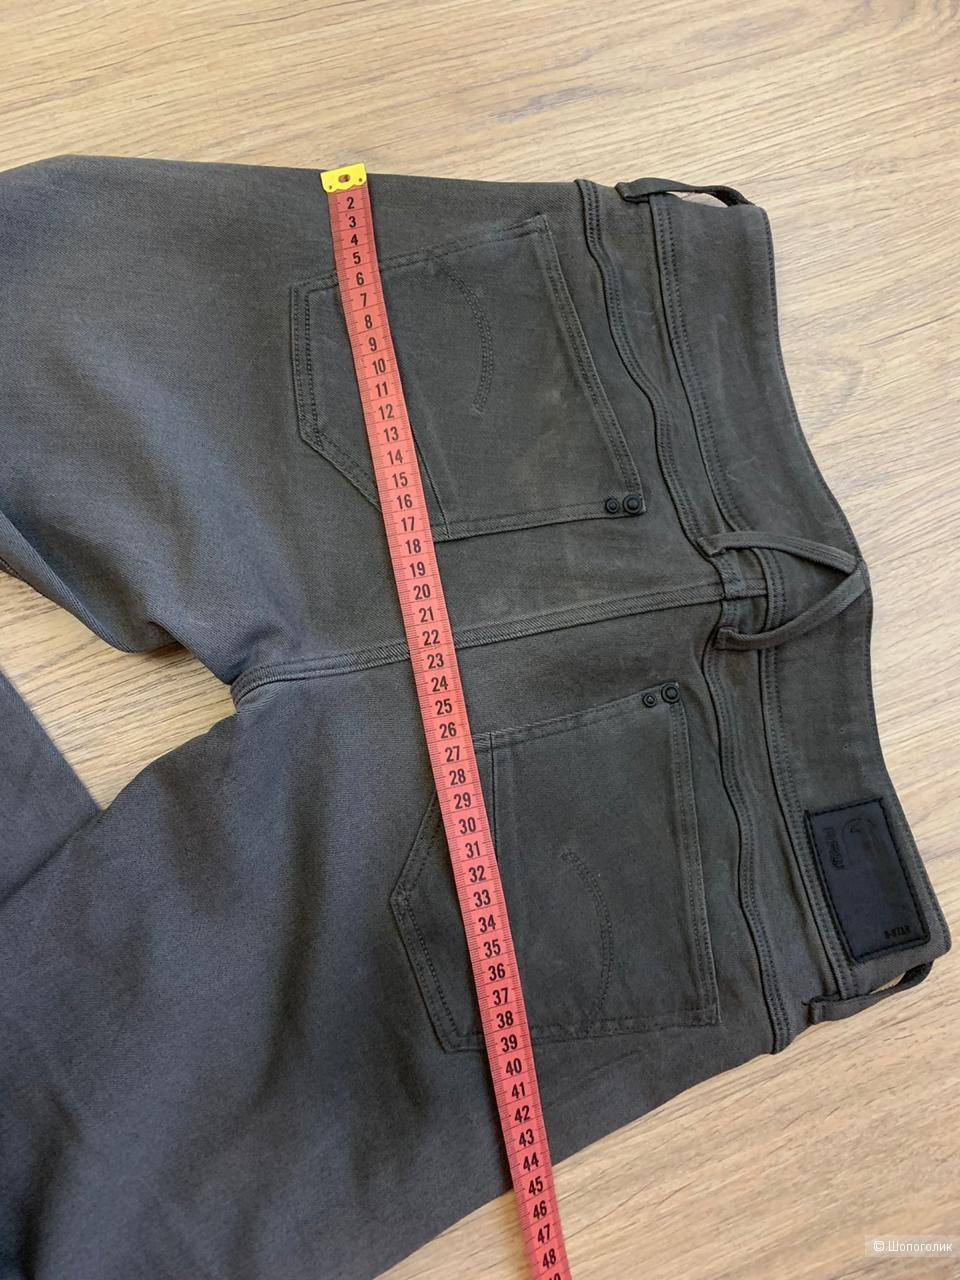 G star raw джинсы 27